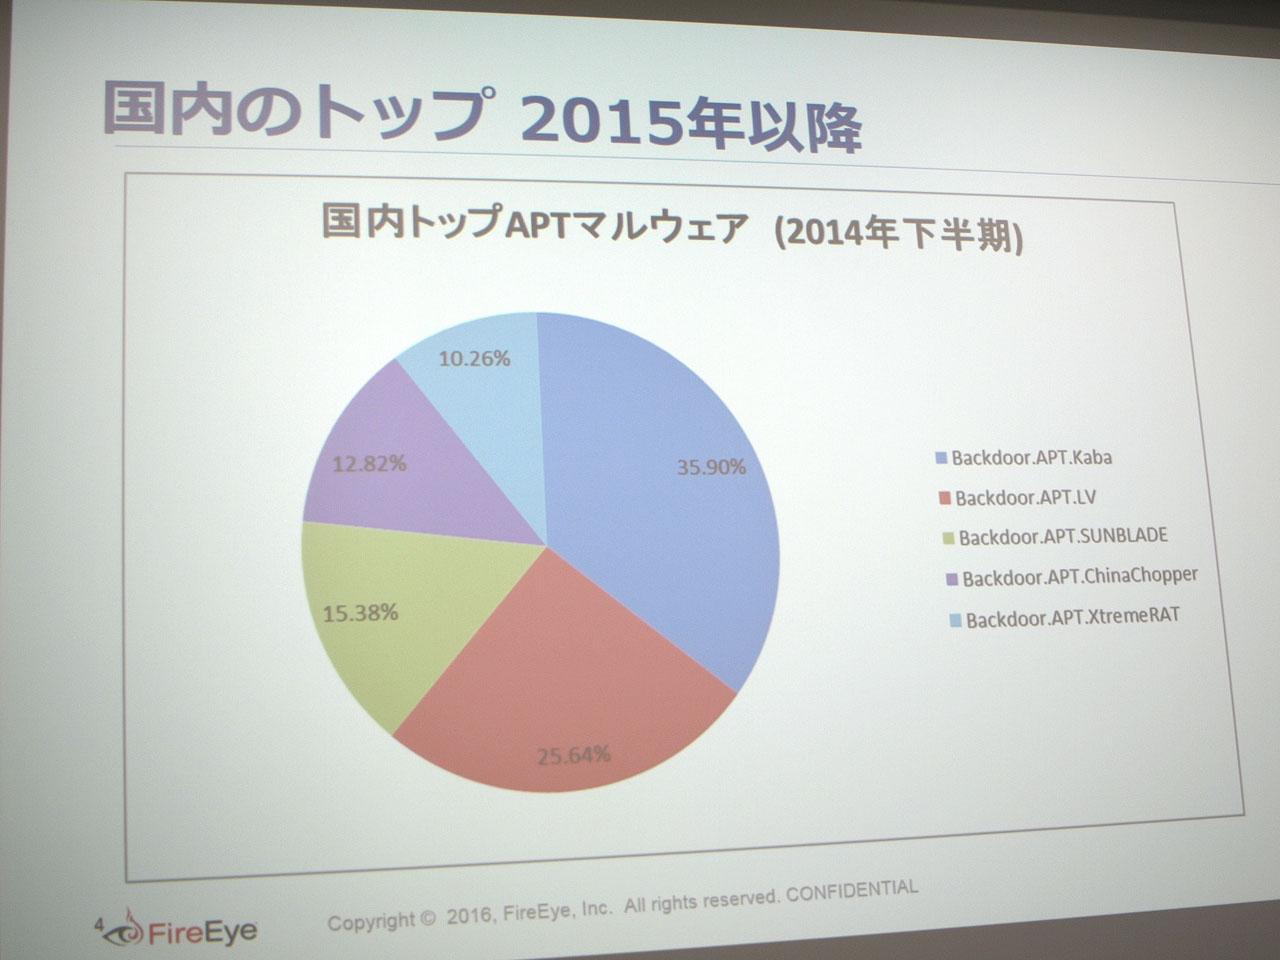 2014年下半期のAPT(Advanced Persistent Threat)攻撃マルウェアの検出比率。「Kaba」は「PlugX」の別名で、当時はトップとなっていた